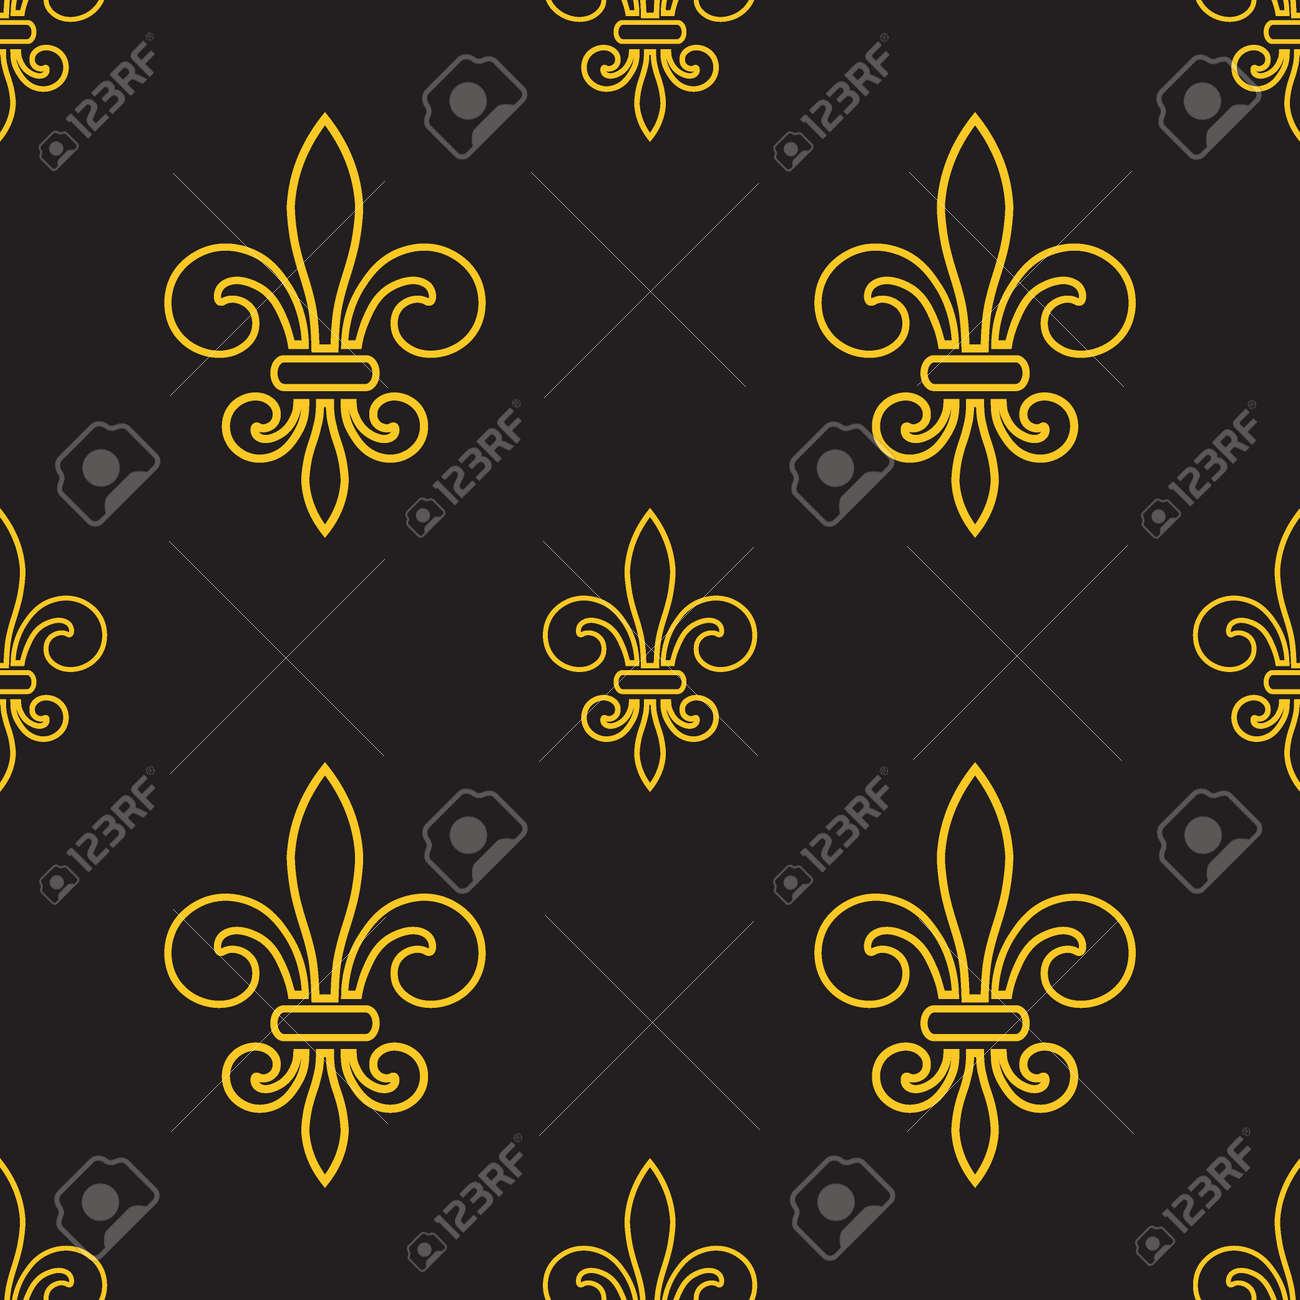 Nahtlose Muster Mit Gold Fleur-de-lis Auf Grauem Hintergrund. Grafik ...